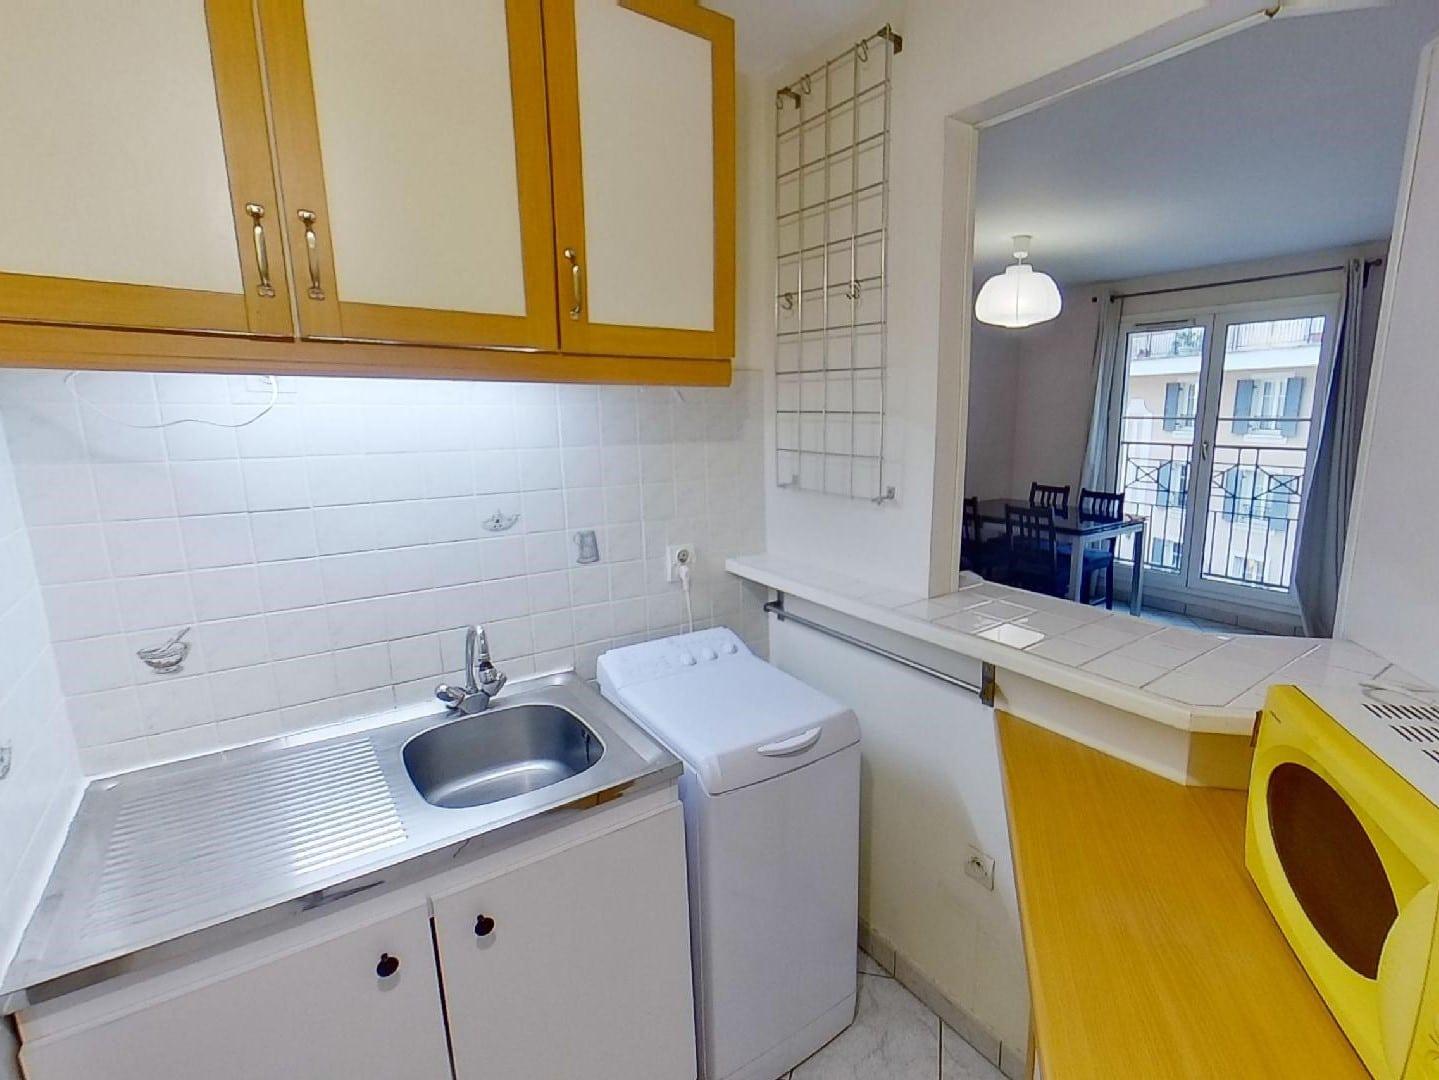 agence immobilière 94: 2 pièces 39 m², cuisine semi ouverte aménagée et équipée